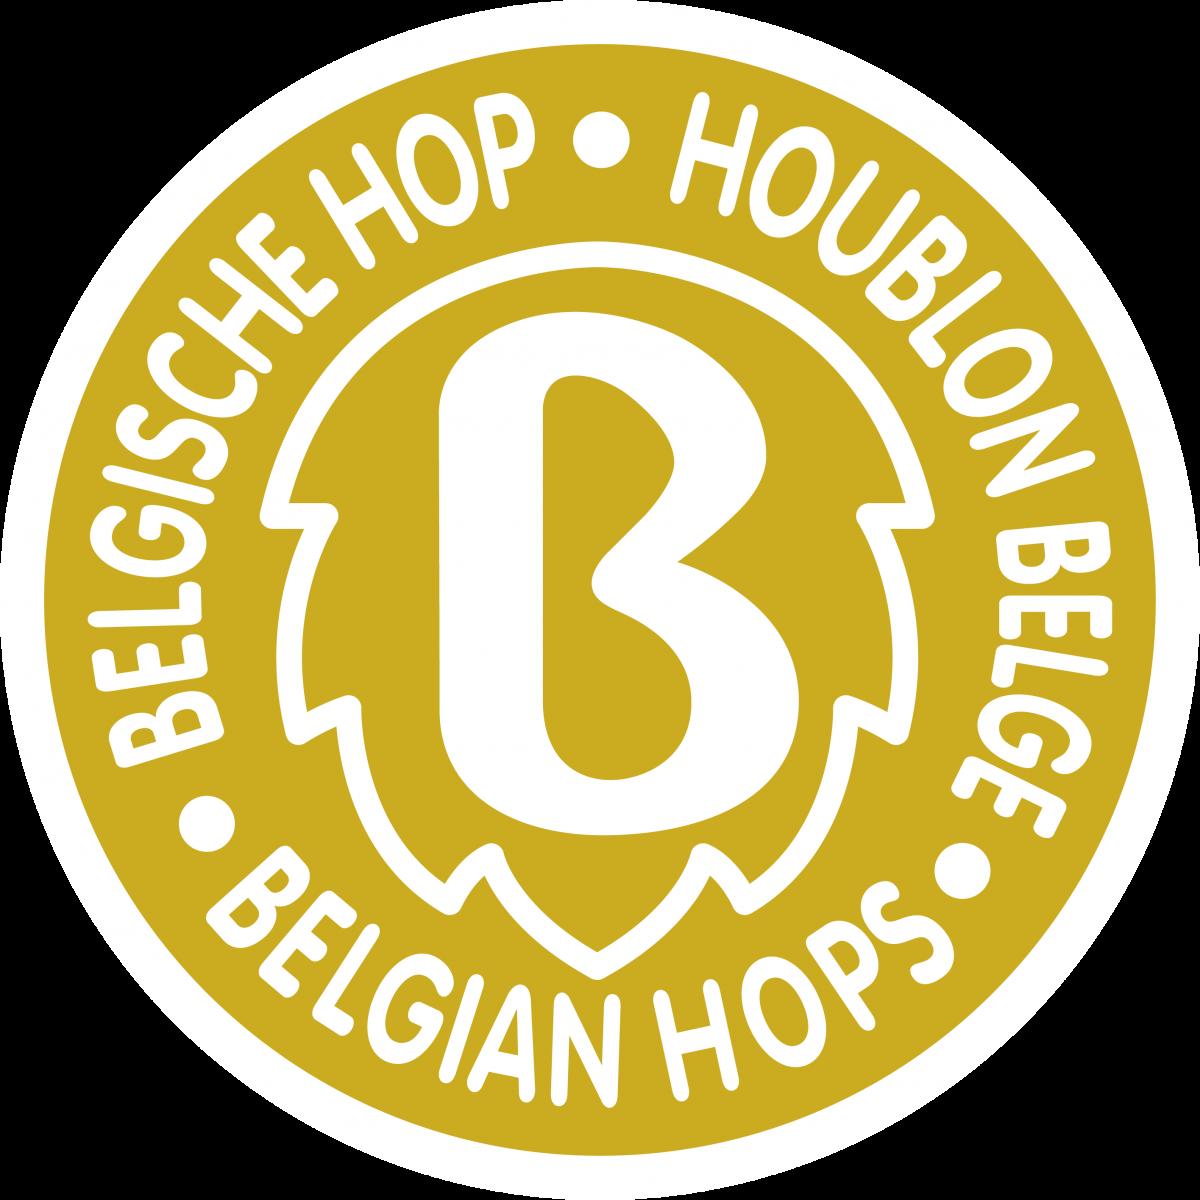 100% Belgische hop